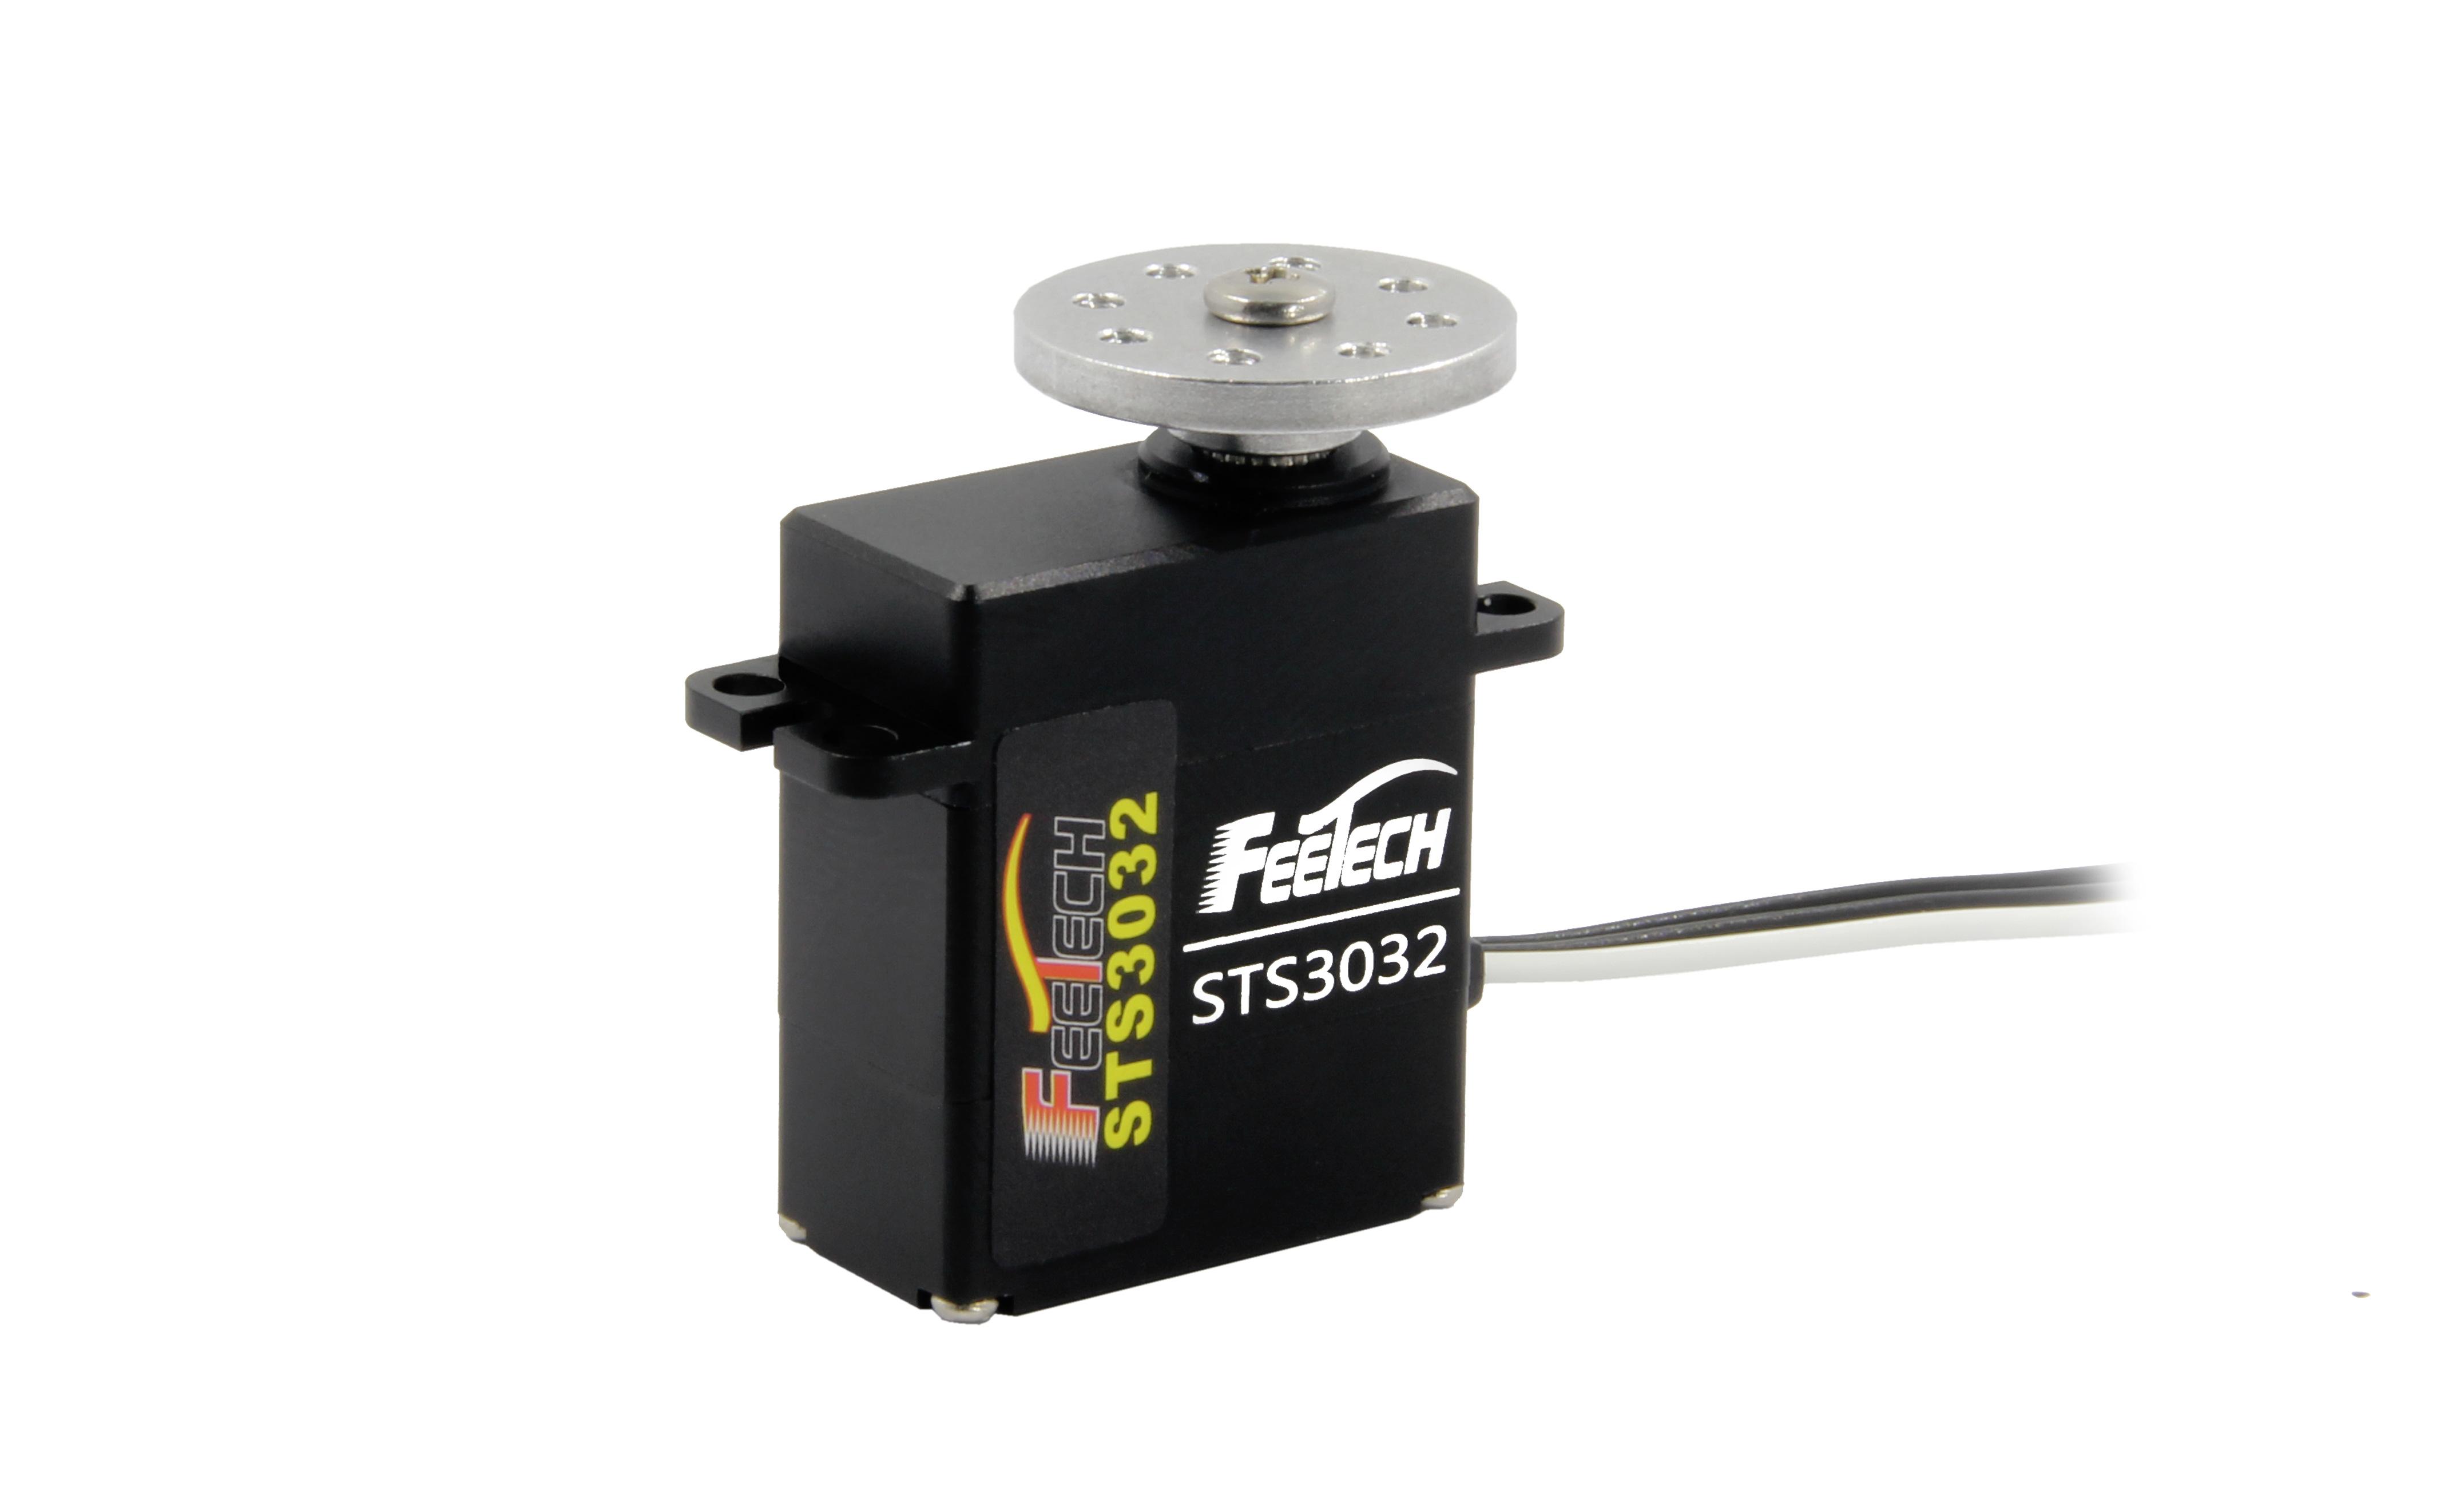 FEETECH SCS STS3032 4,5 кг микро маленький мини-робот обратная связь Пользовательский TTL Магнитный кодированный серийный автобус сервопривод uart сервопривод